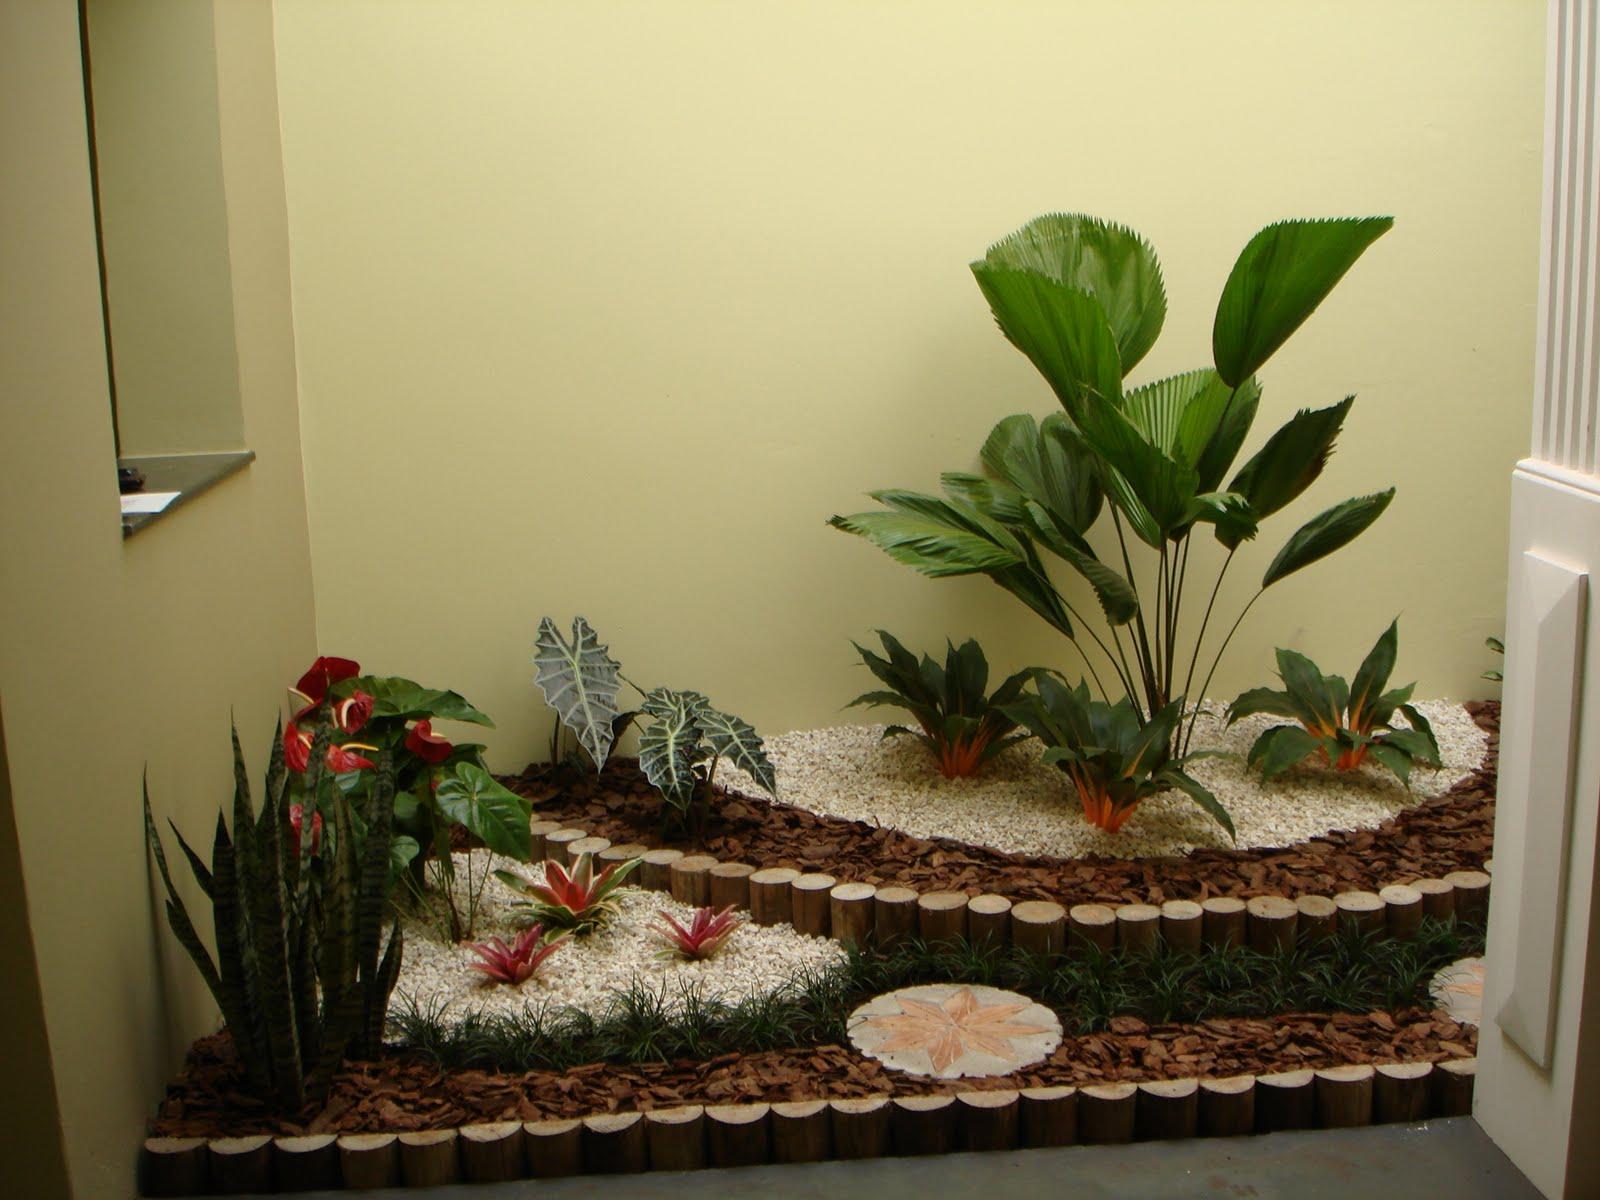 fotos de decoração para jardim de inverno pequeno #456016 1600 1200